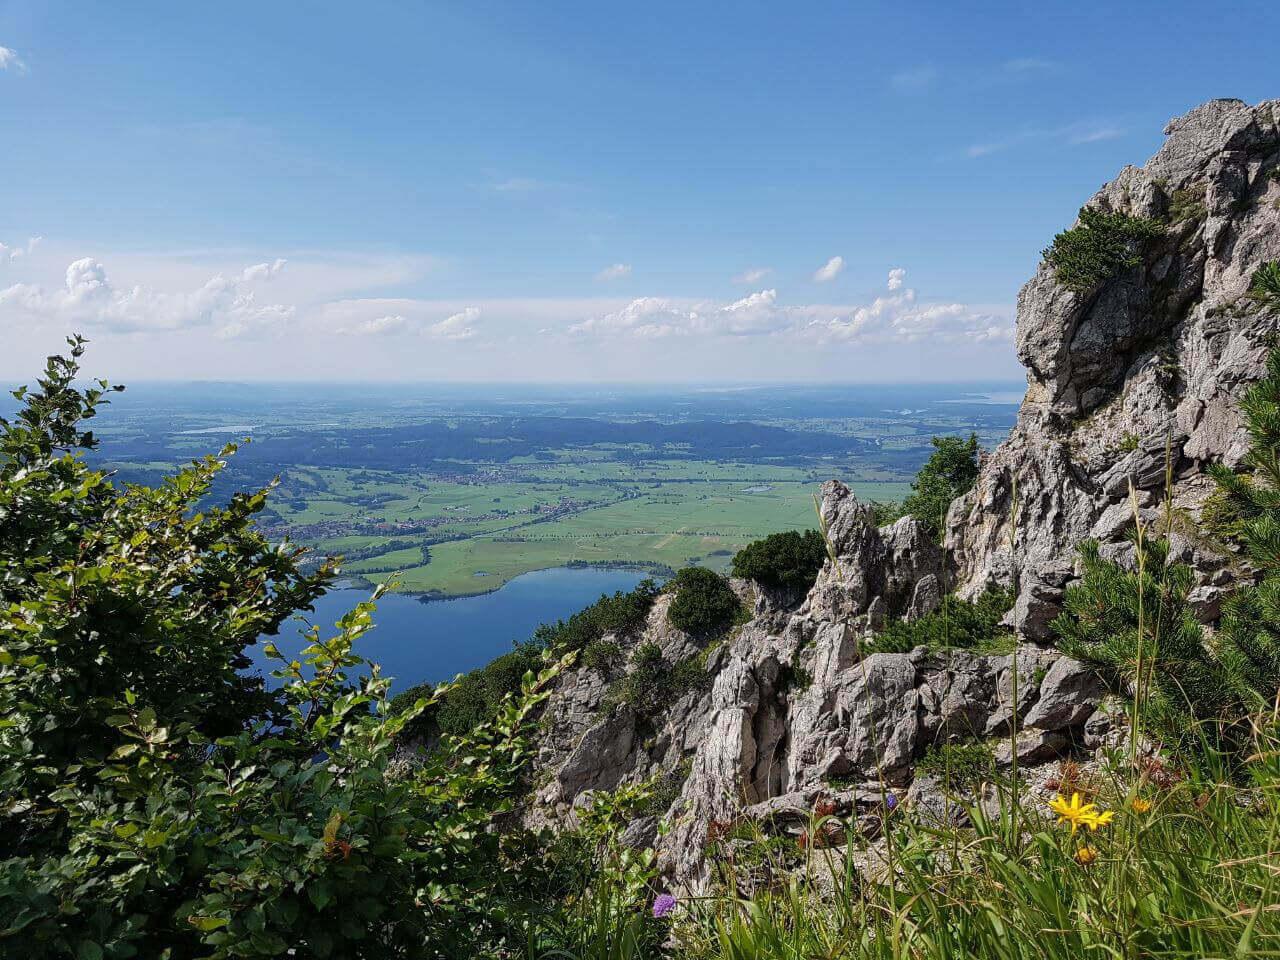 Kurztrip nach Bayern: Wandern und Sightseeing in München